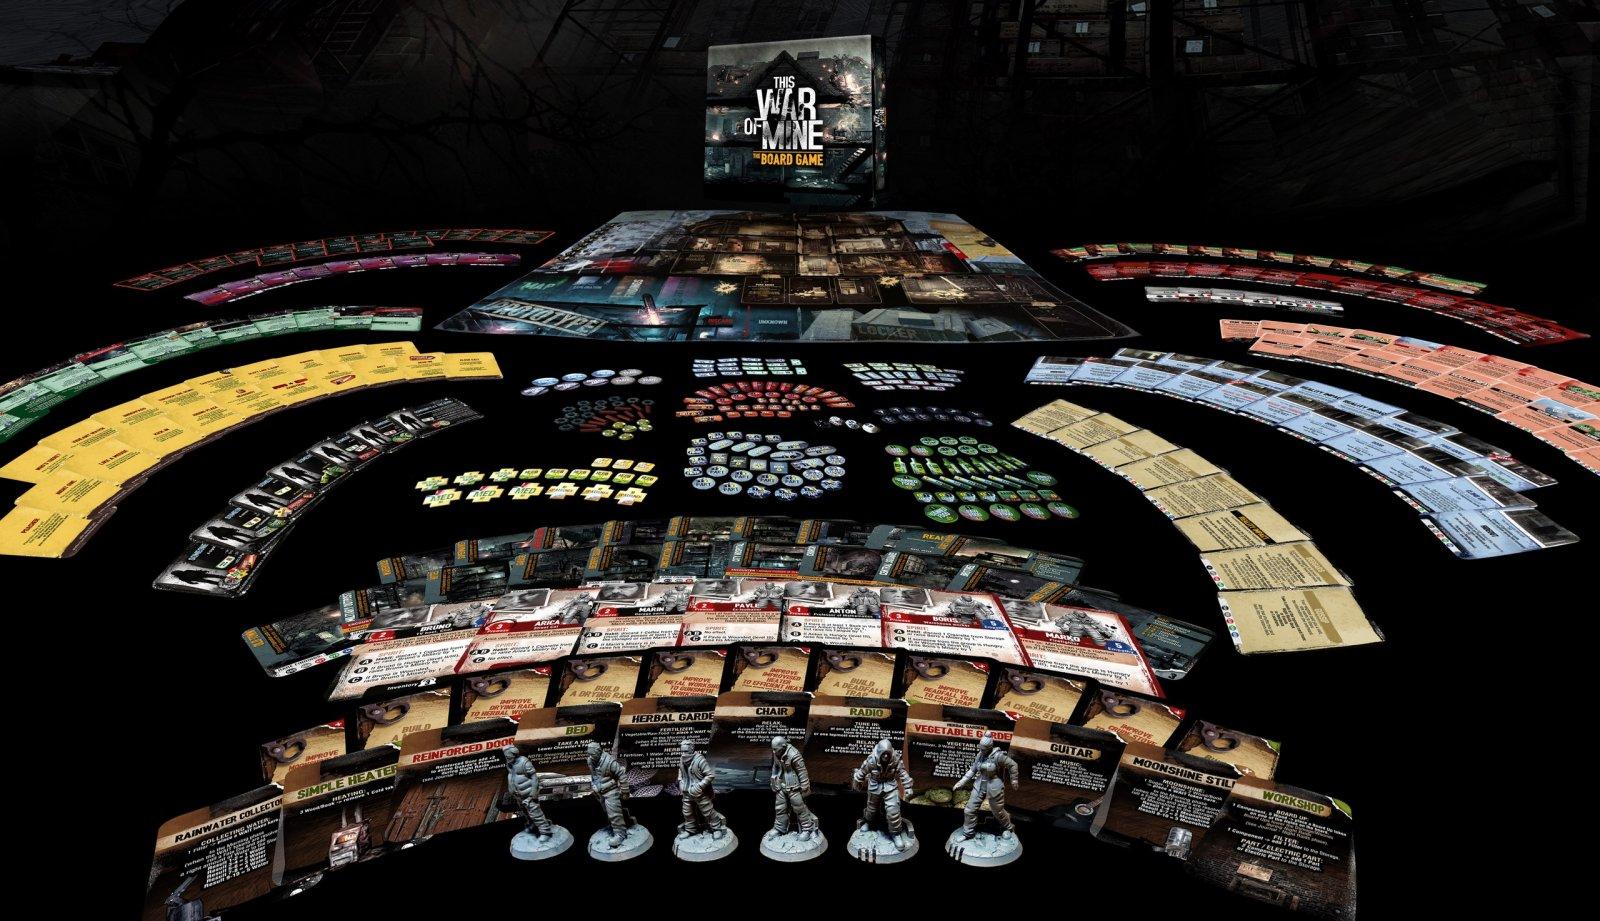 Картинки по запросу this war of mine board game